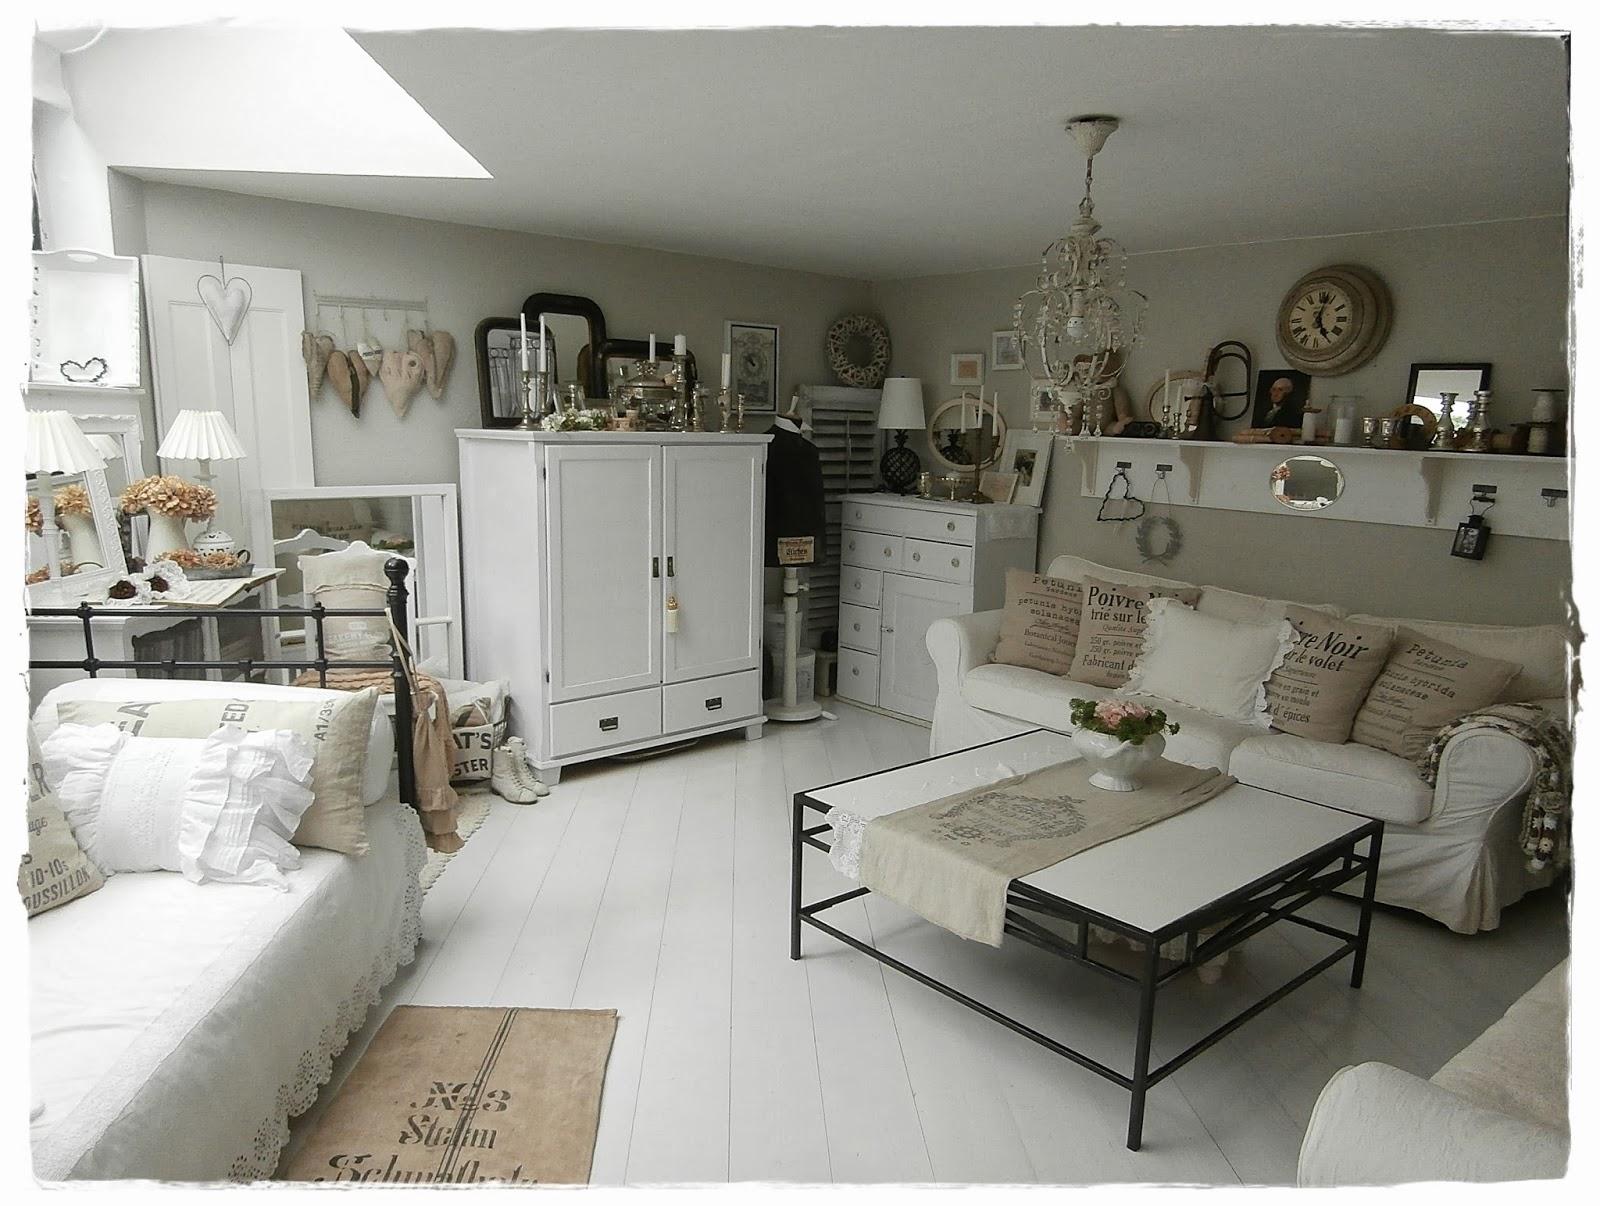 Schön Wohnzimmer Wände Streichen Ideen